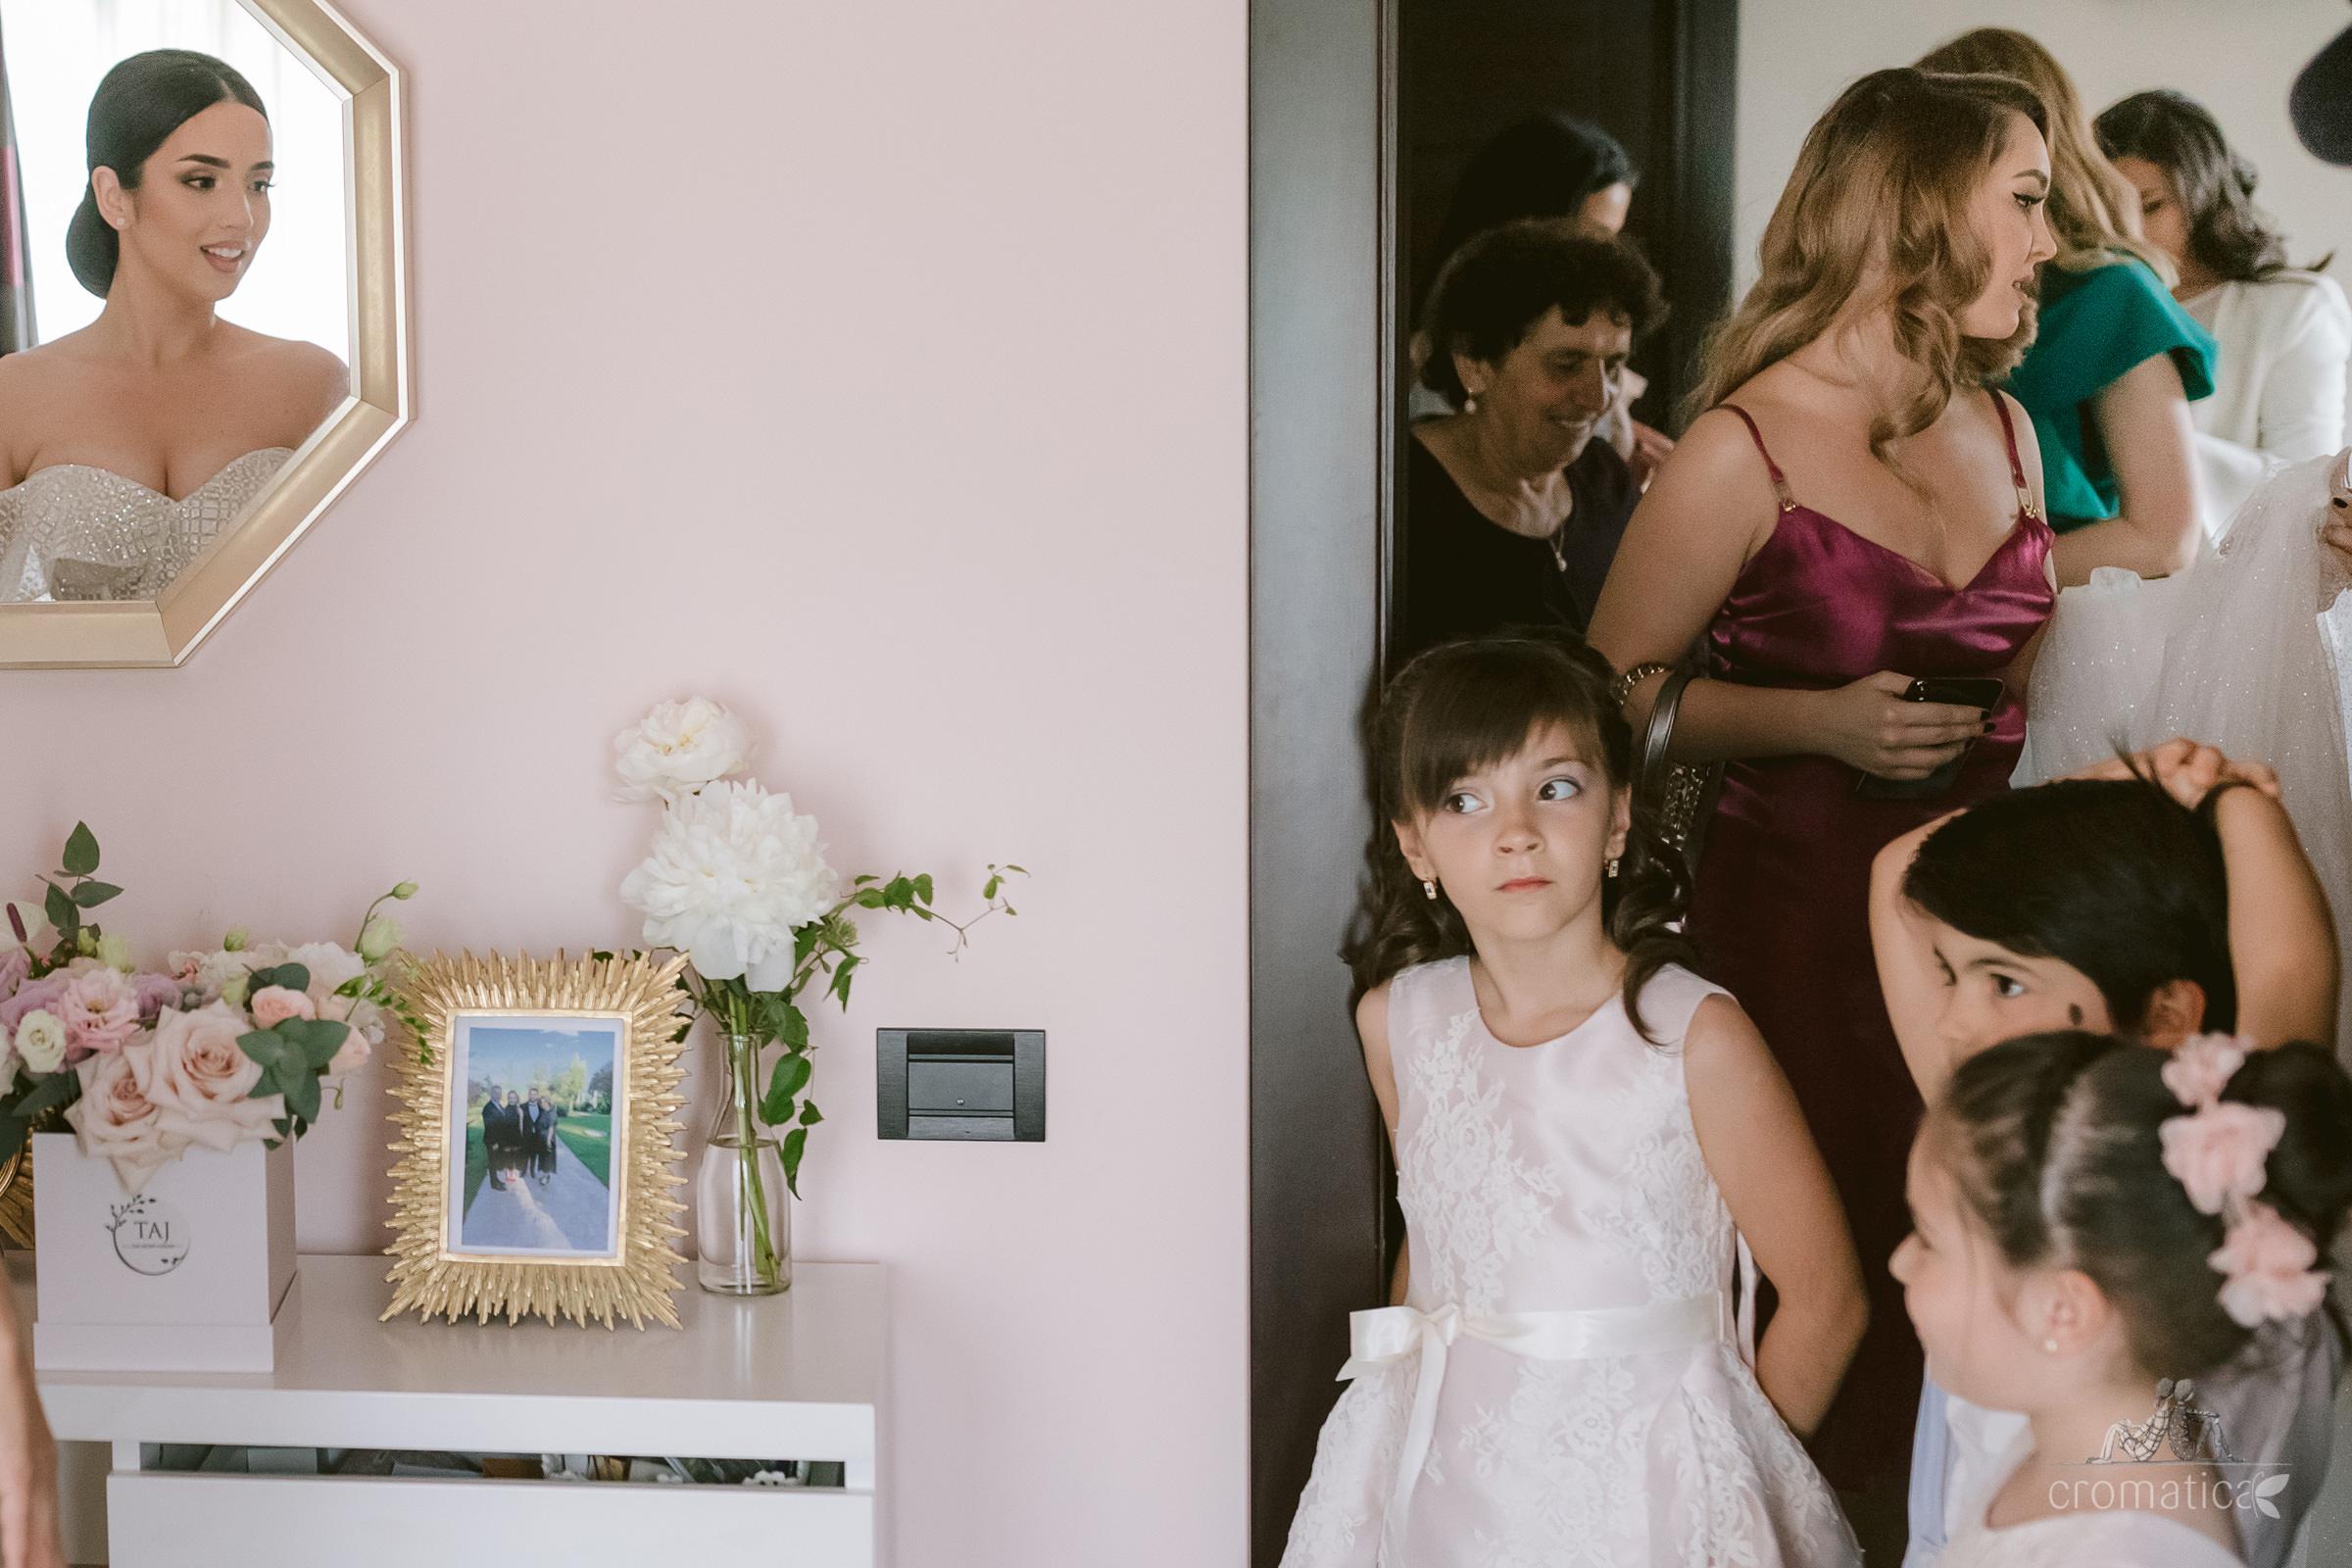 oana alex fotografii nunta rm valcea 008